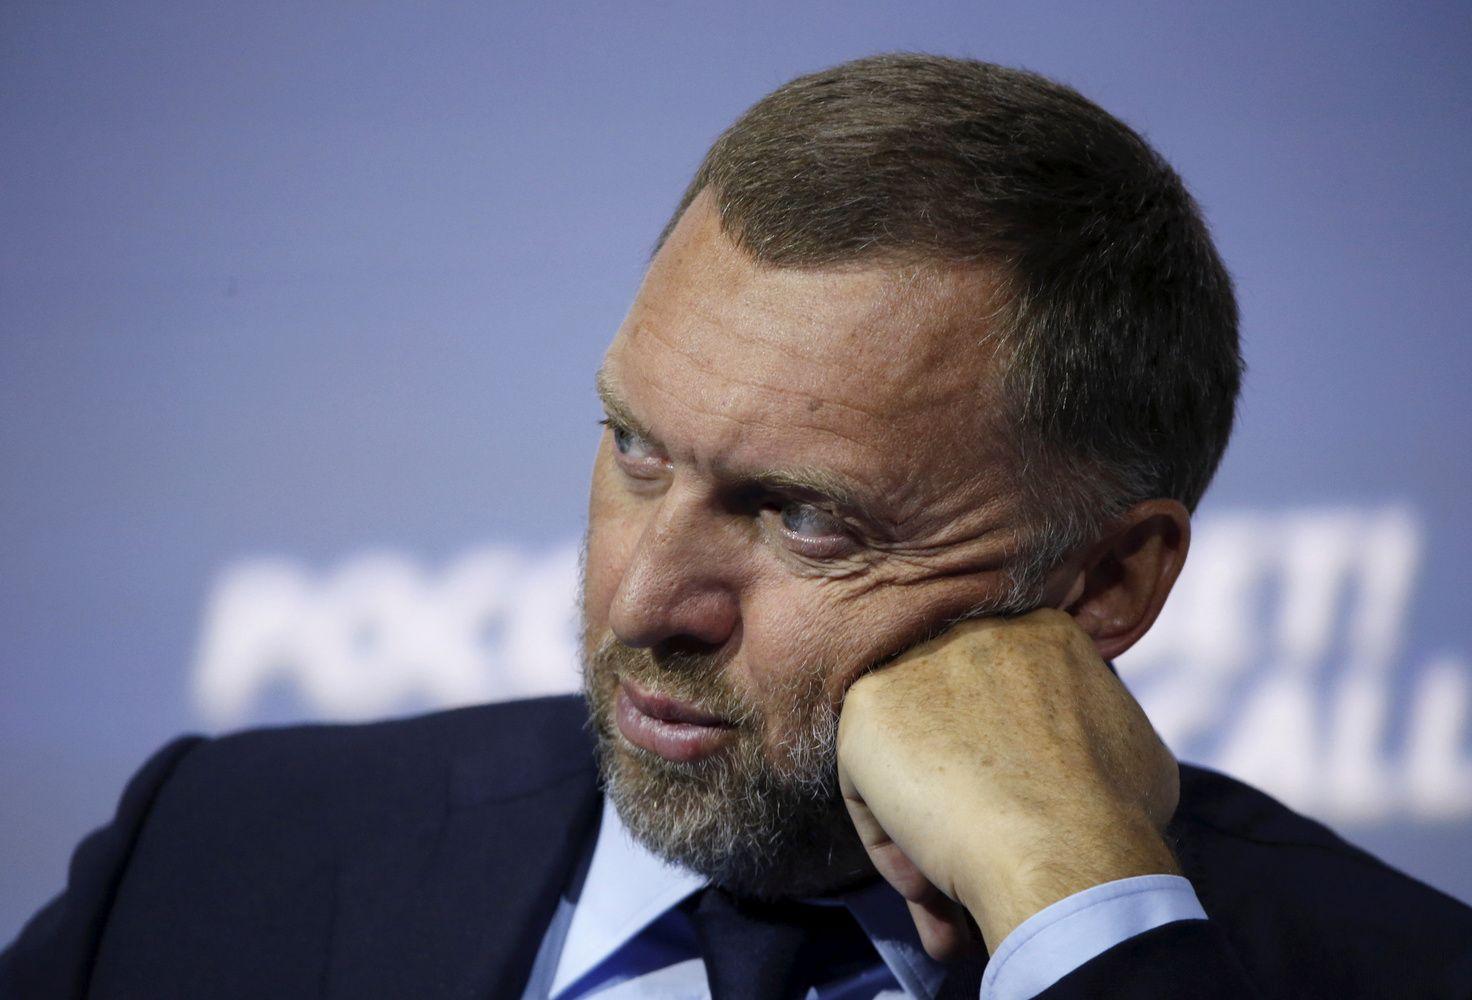 Deripaska pristatė planą, kuriuo tikisi išgelbėti kompaniją iš sankcijų gniaužtų